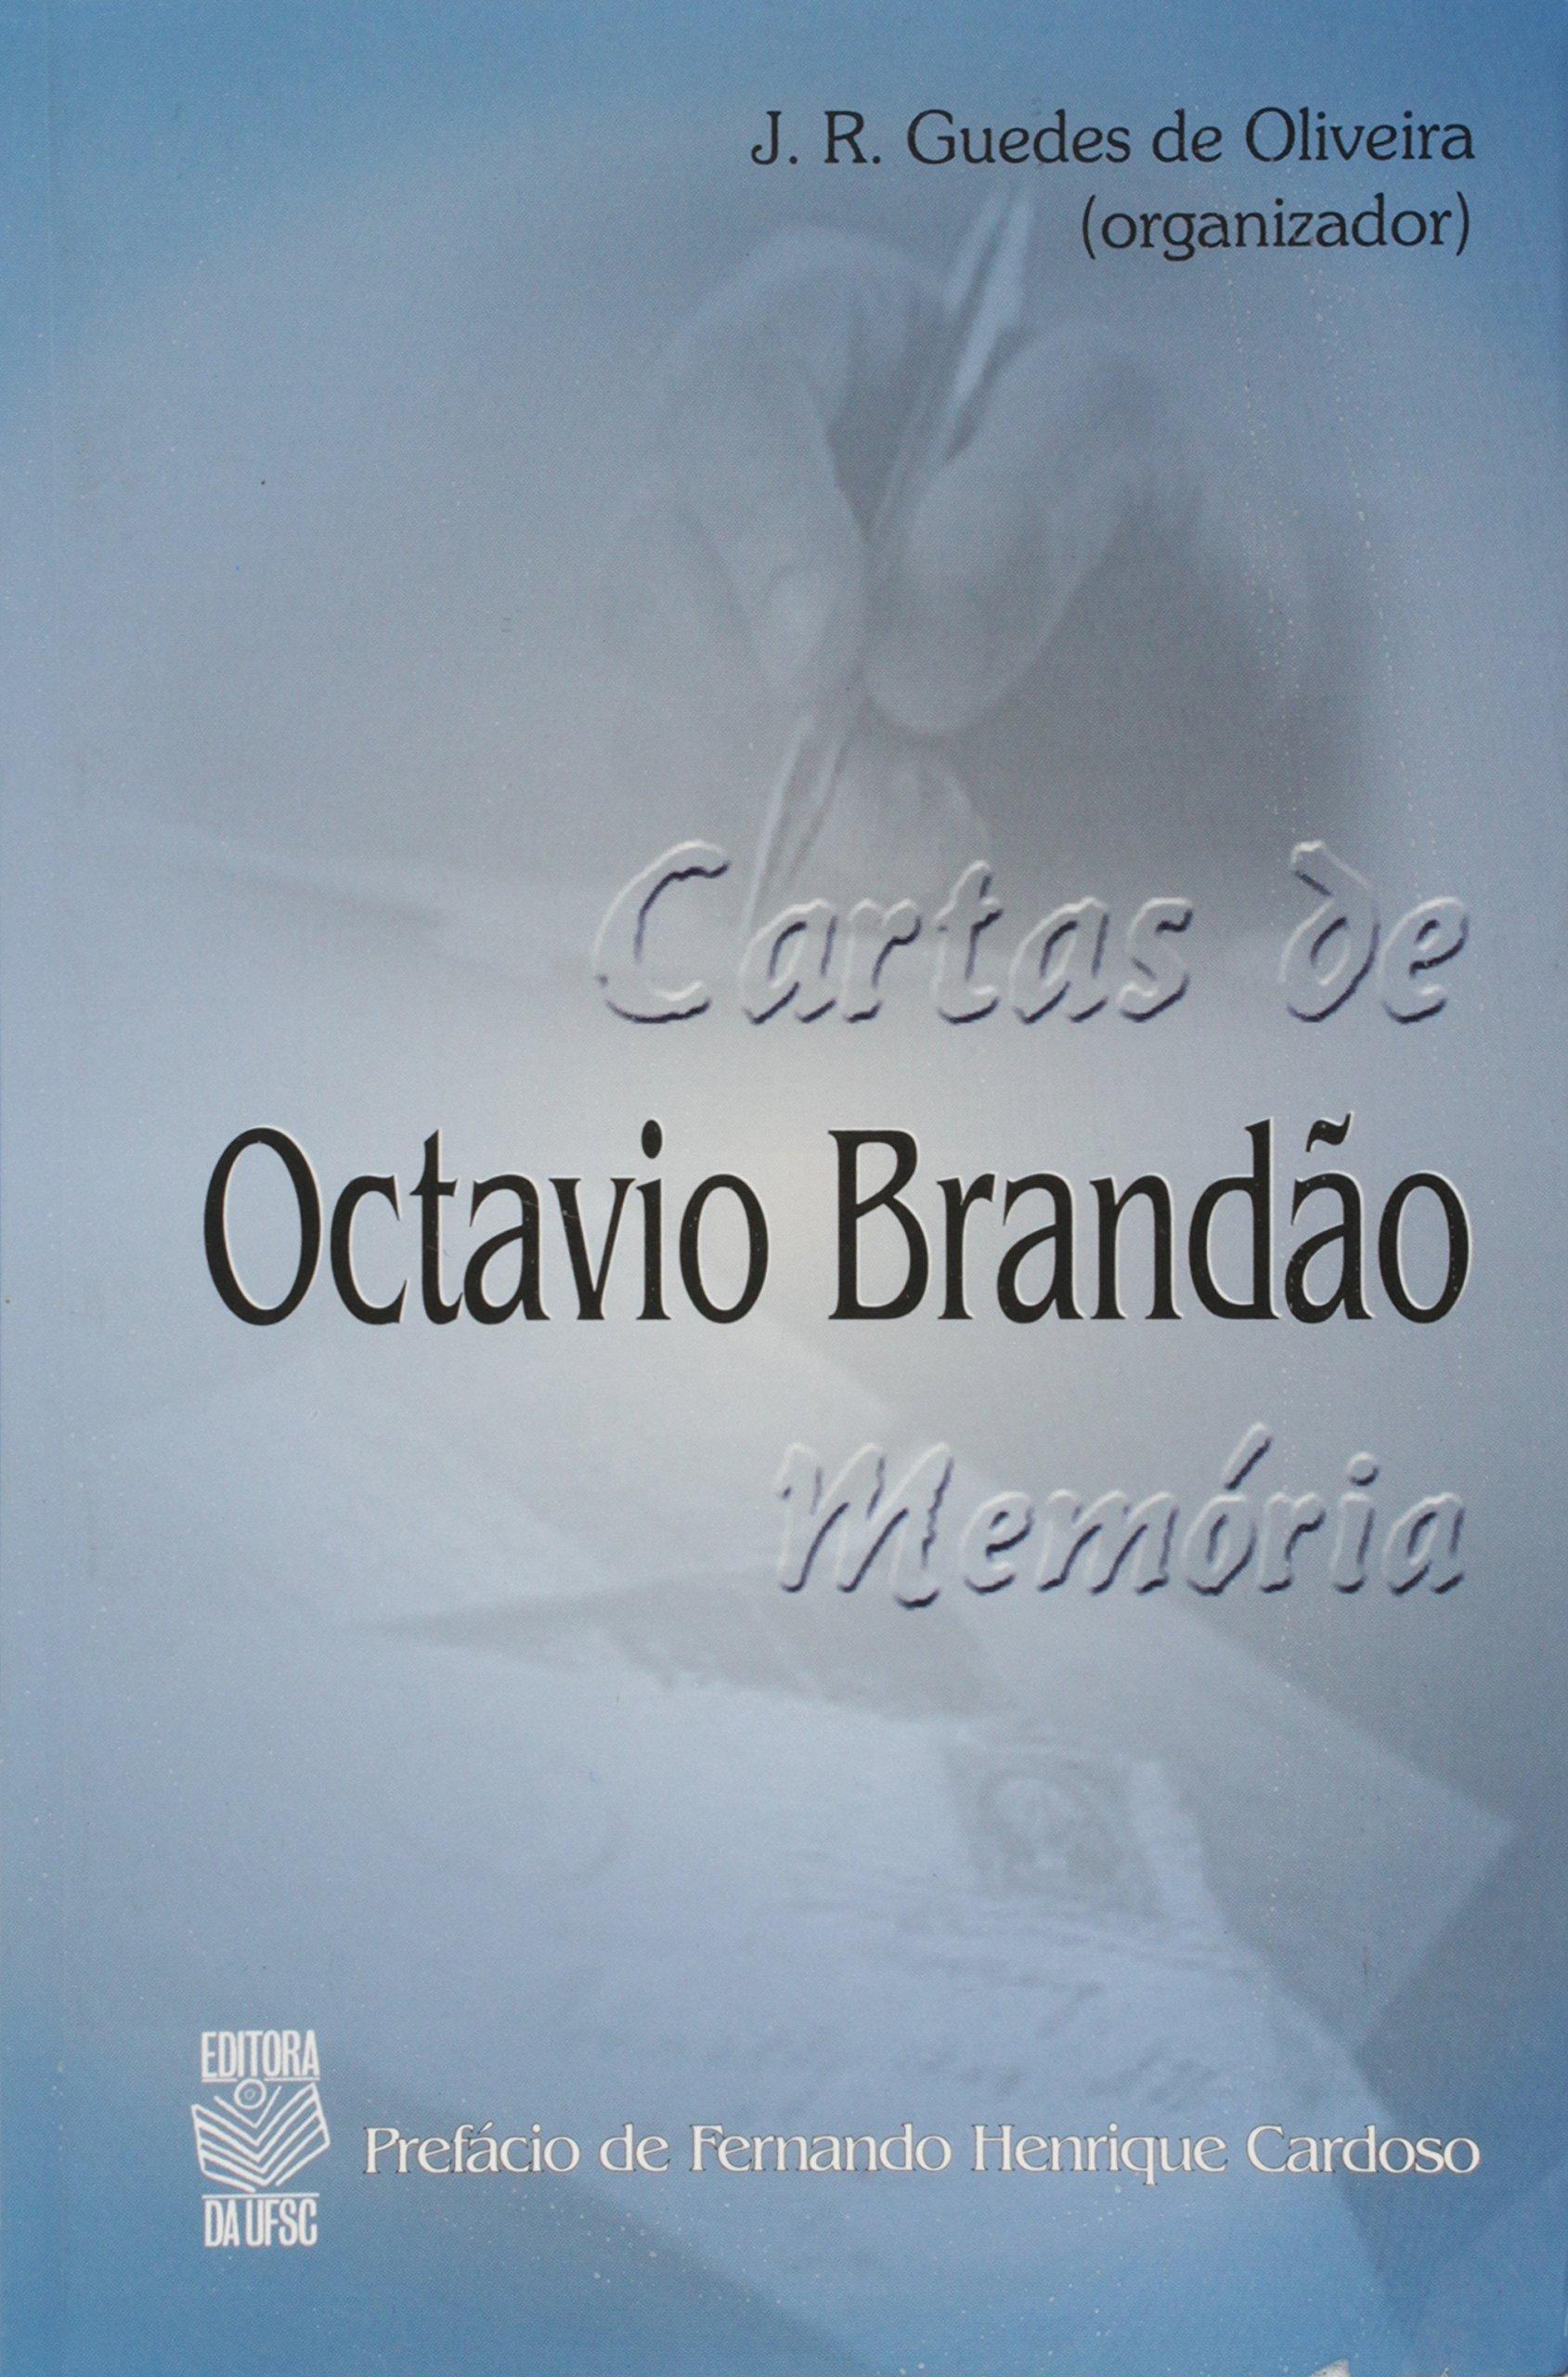 Cartas de Octavio Brandão Memória: J.R.Guedes De Oliveira ...